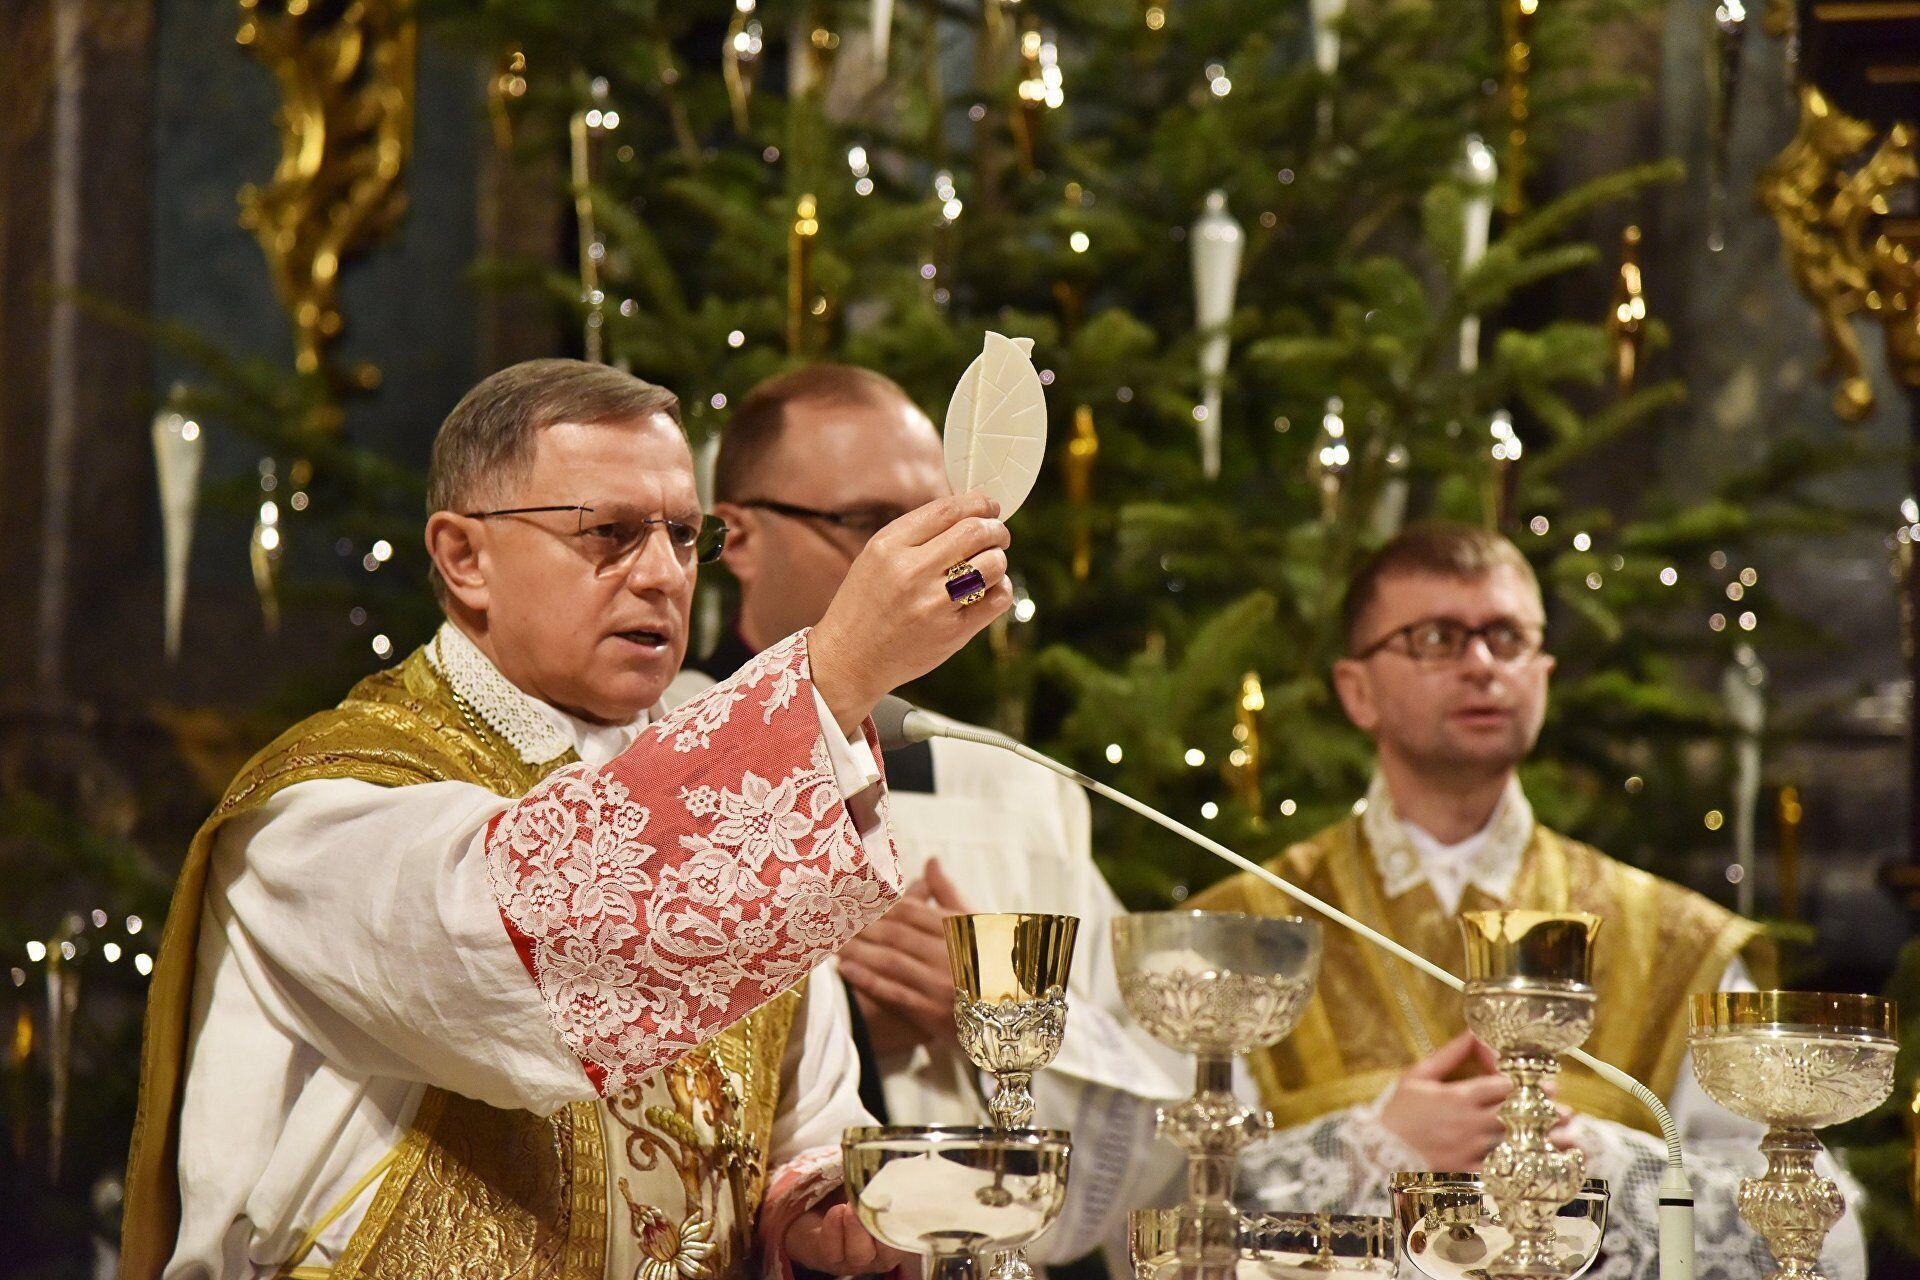 Традиційна облатка Різдвяної ночі перетворюється на символ примирення, прощення й любові